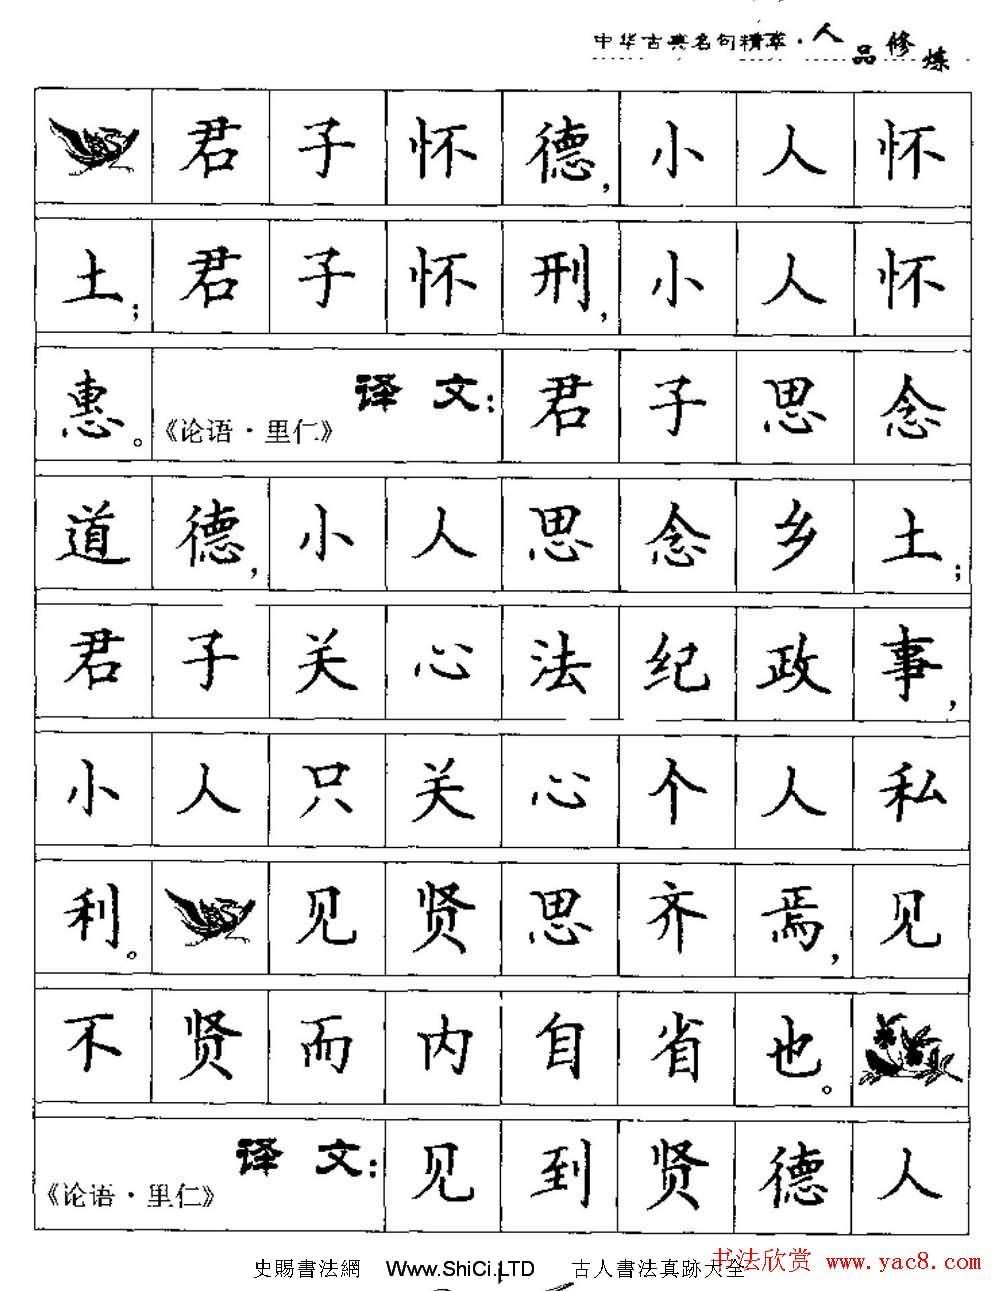 硬筆楷書字帖《中華古典名句集萃》(共45張圖片)